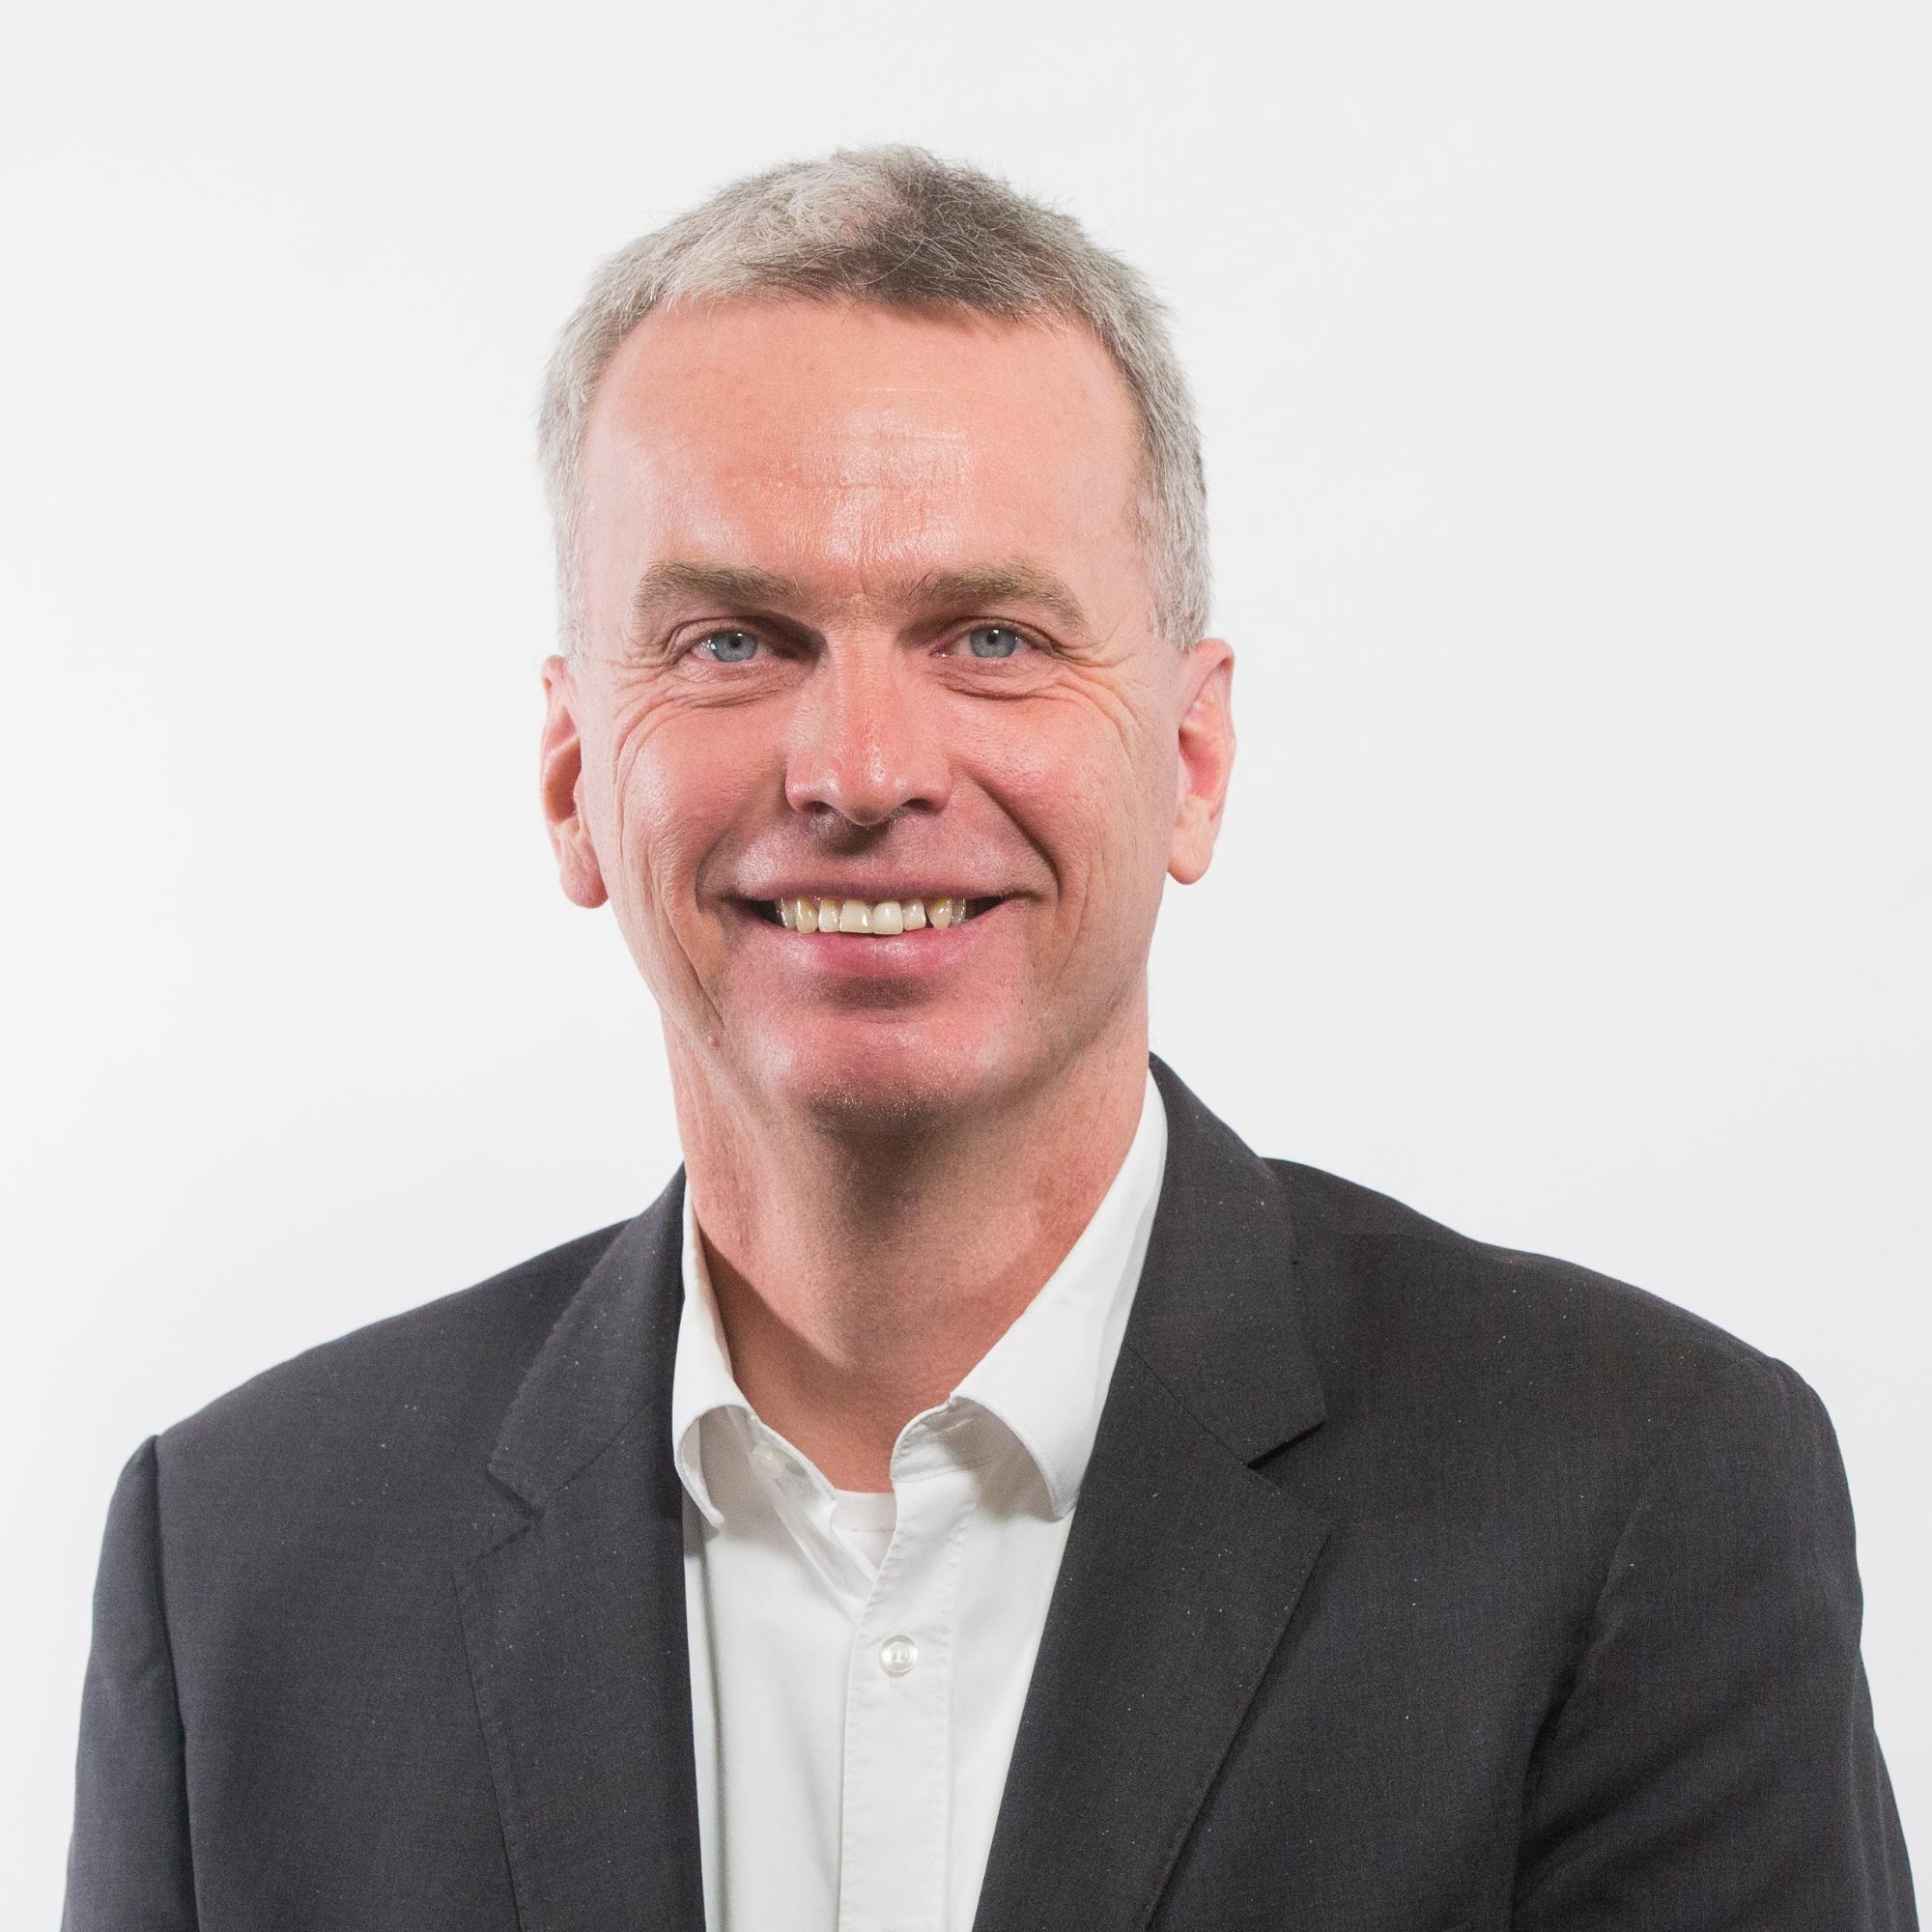 Jörn Beutner, der Direktor des TIK